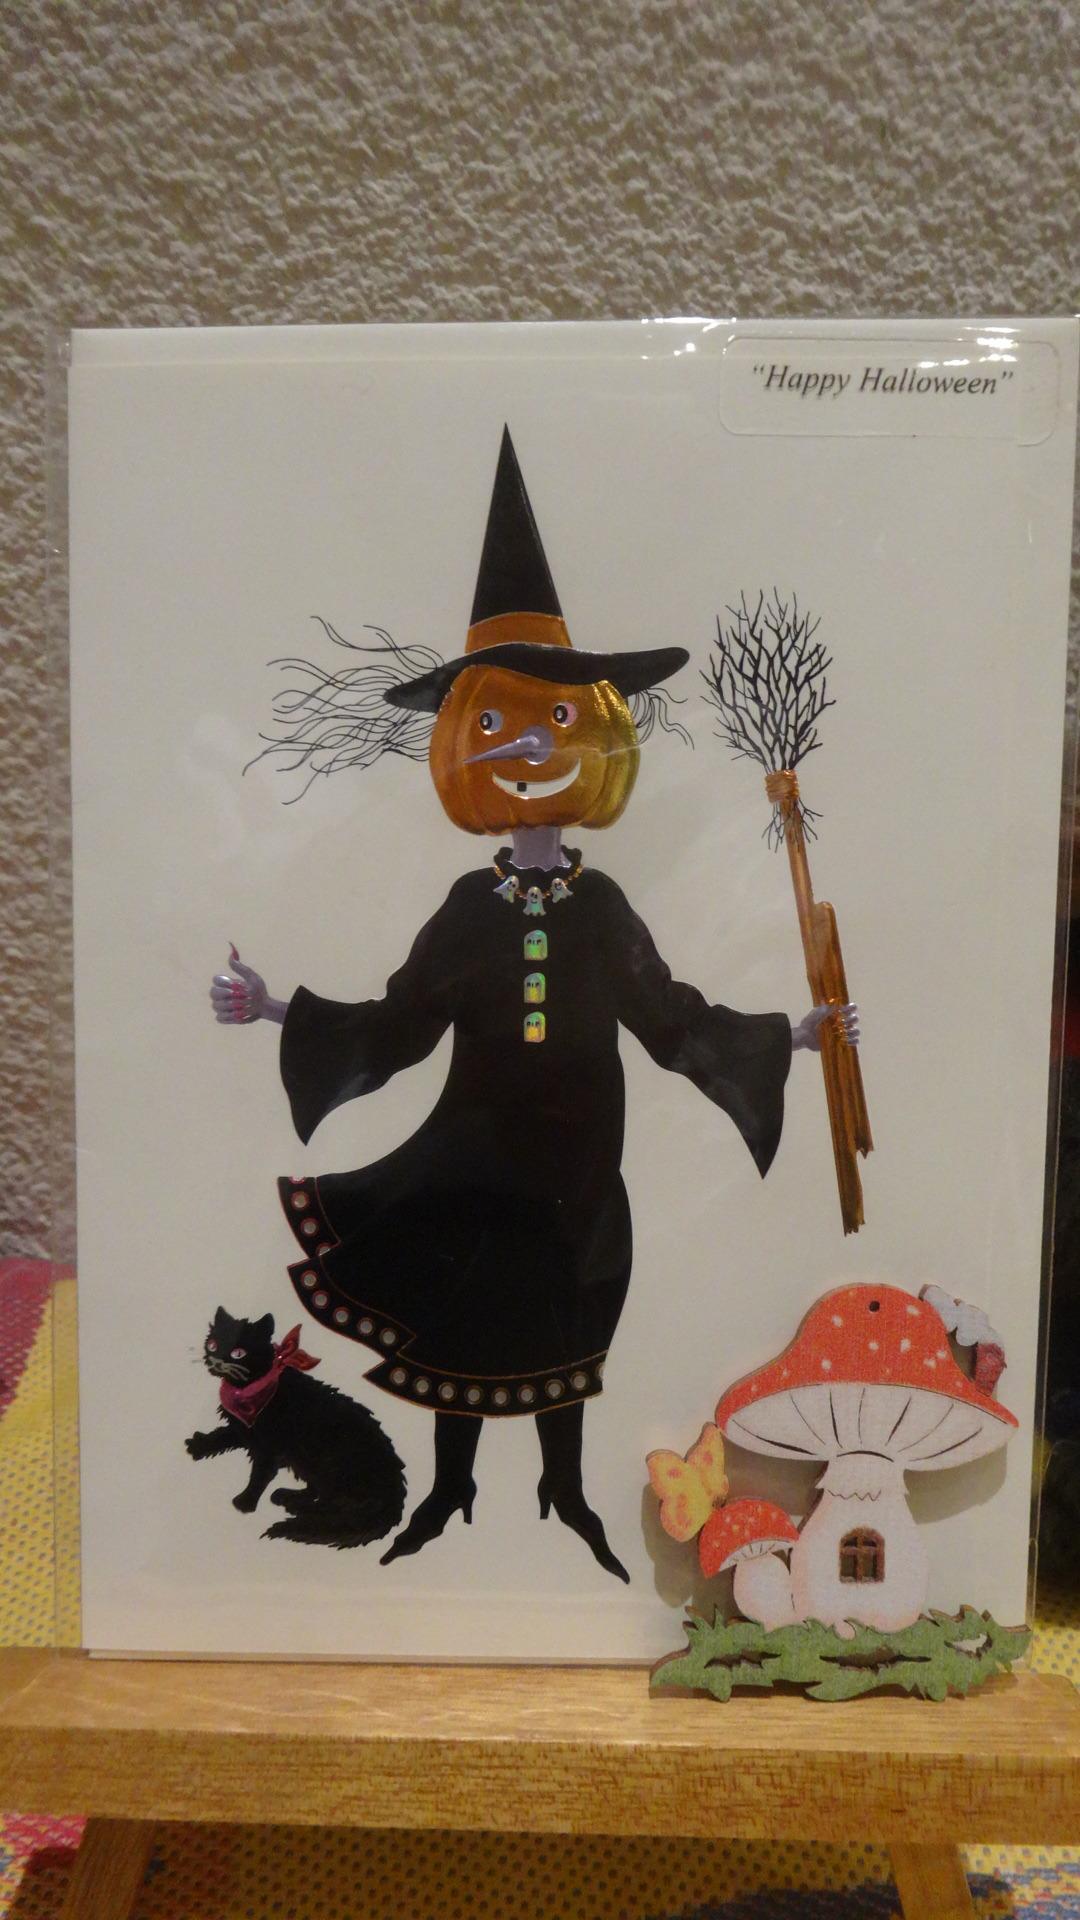 小さな魔女と黒ネコが描かれたカードが部屋に飾られている様子